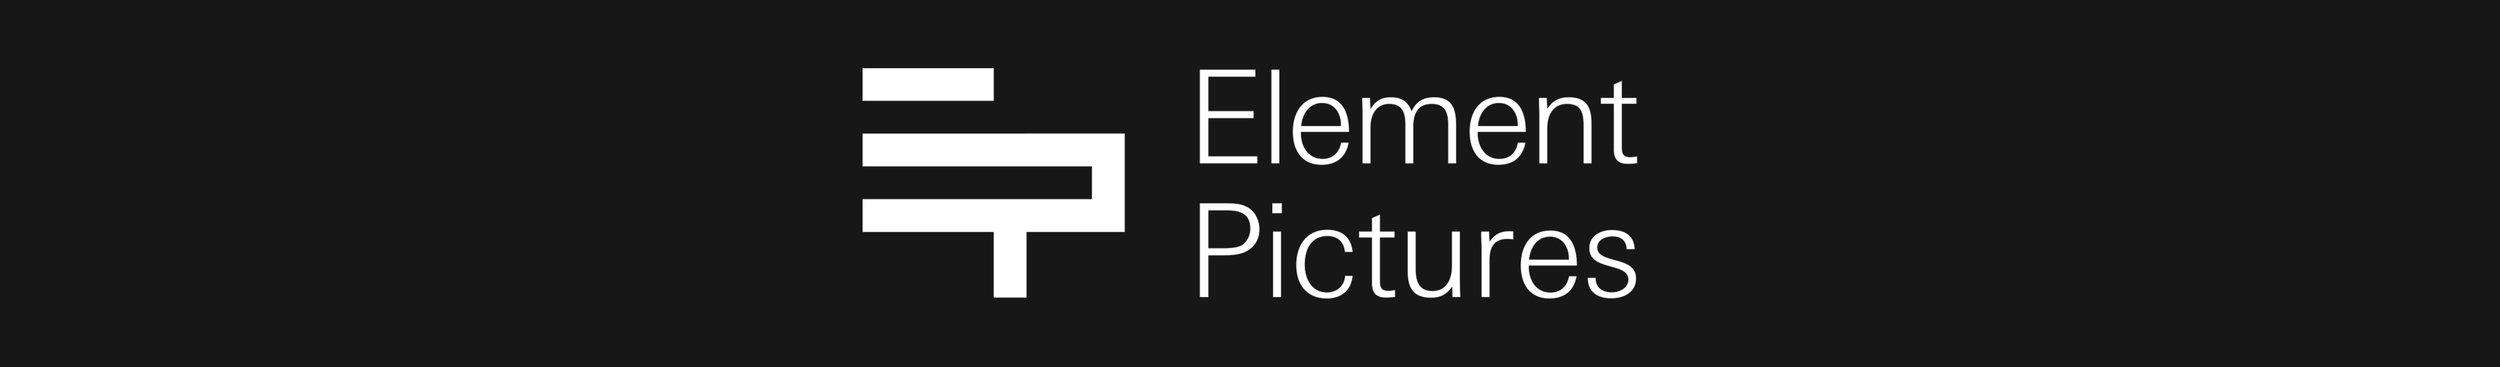 IntWebsite_Clients_White_ElementPictures.jpg